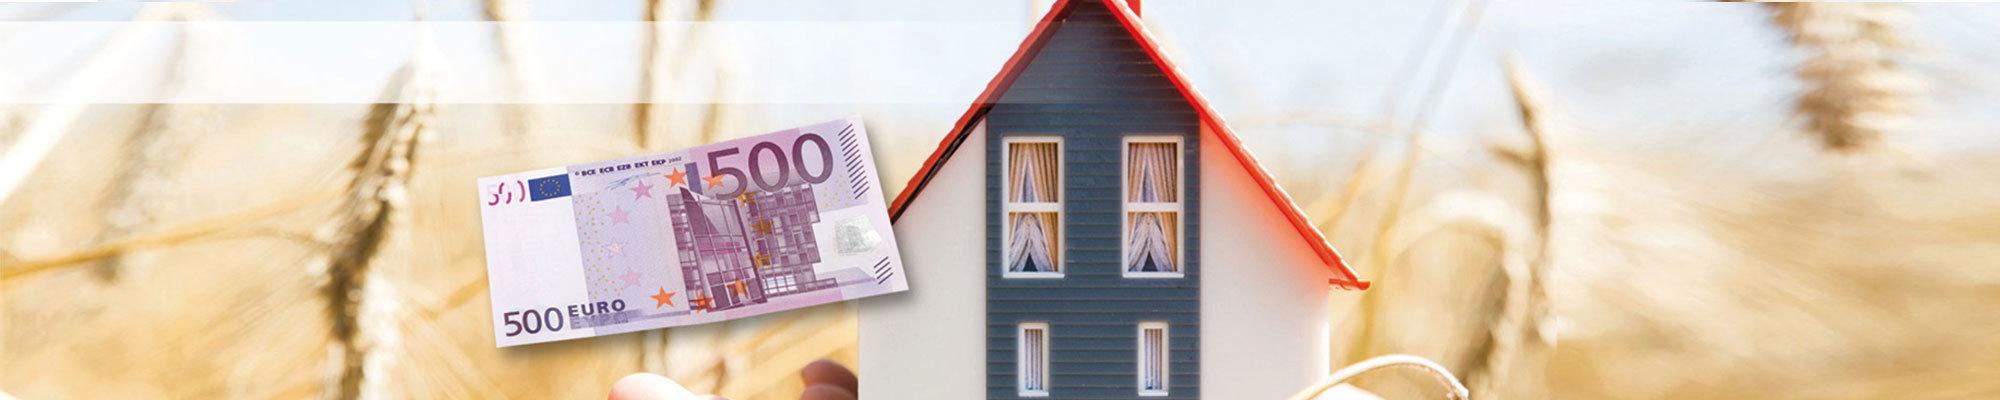 Prämie für Ihren Immobilientipp